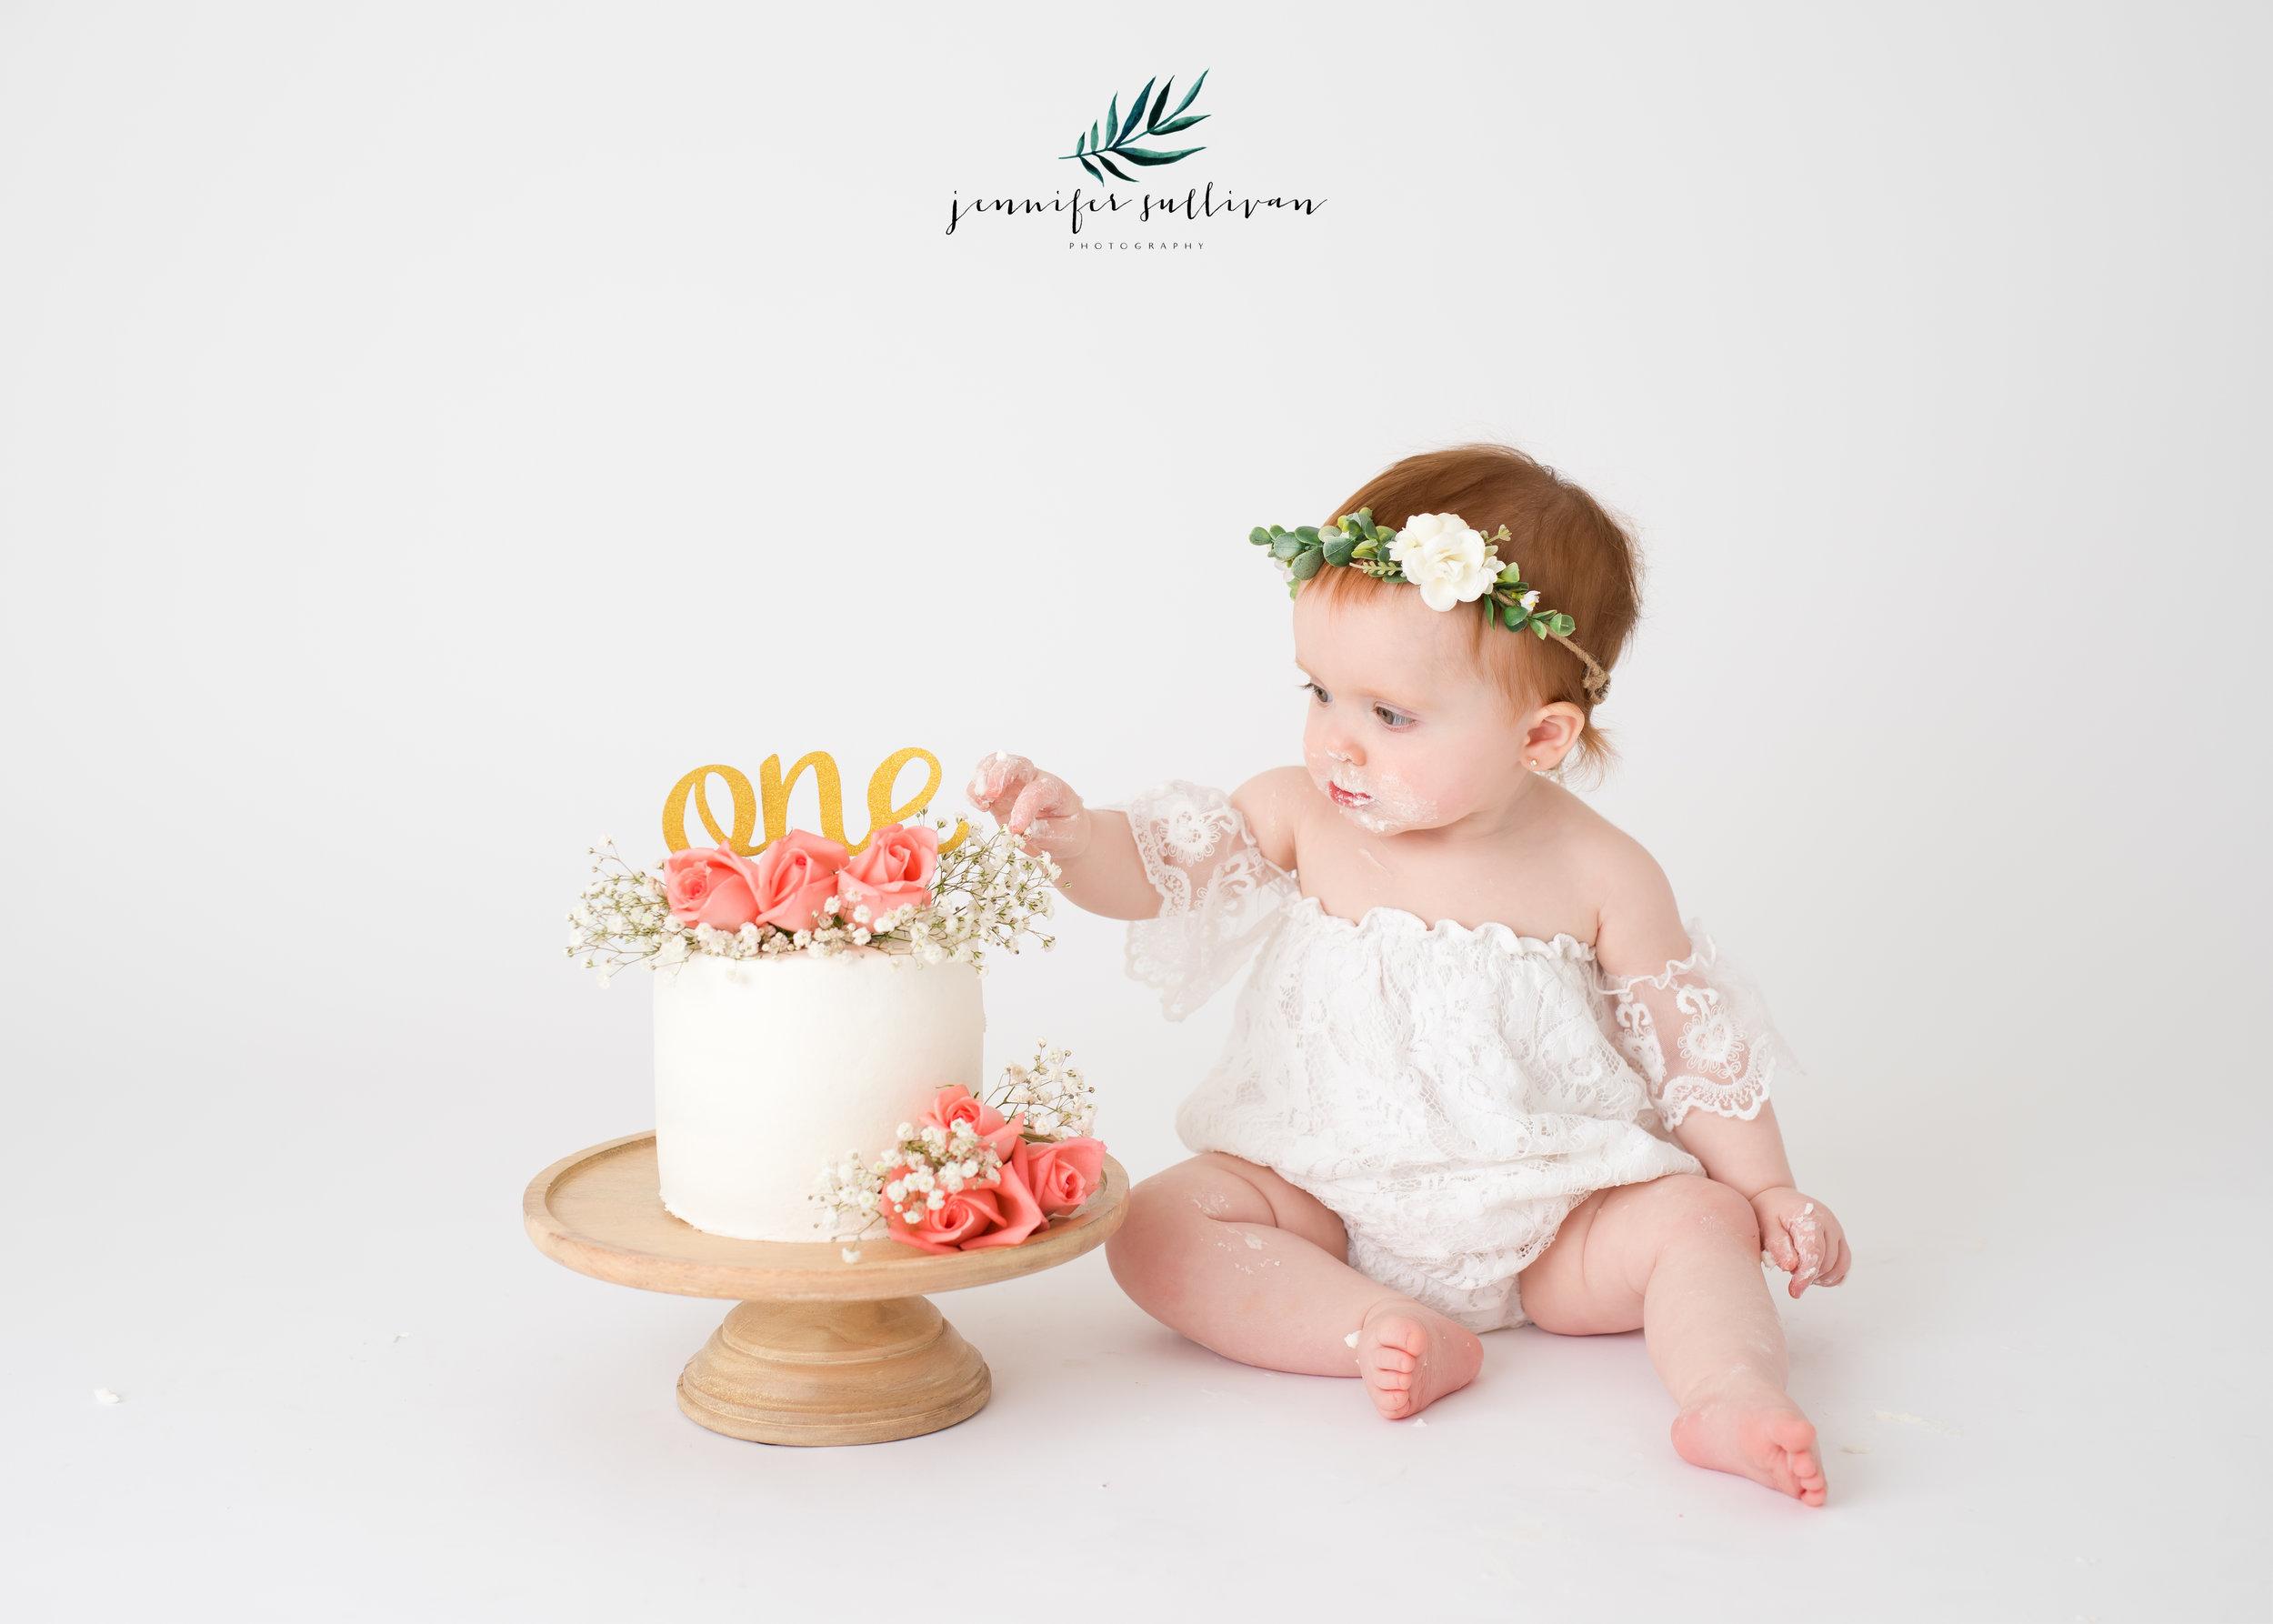 dartmouth massachusetts baby photographer -400-6.jpg